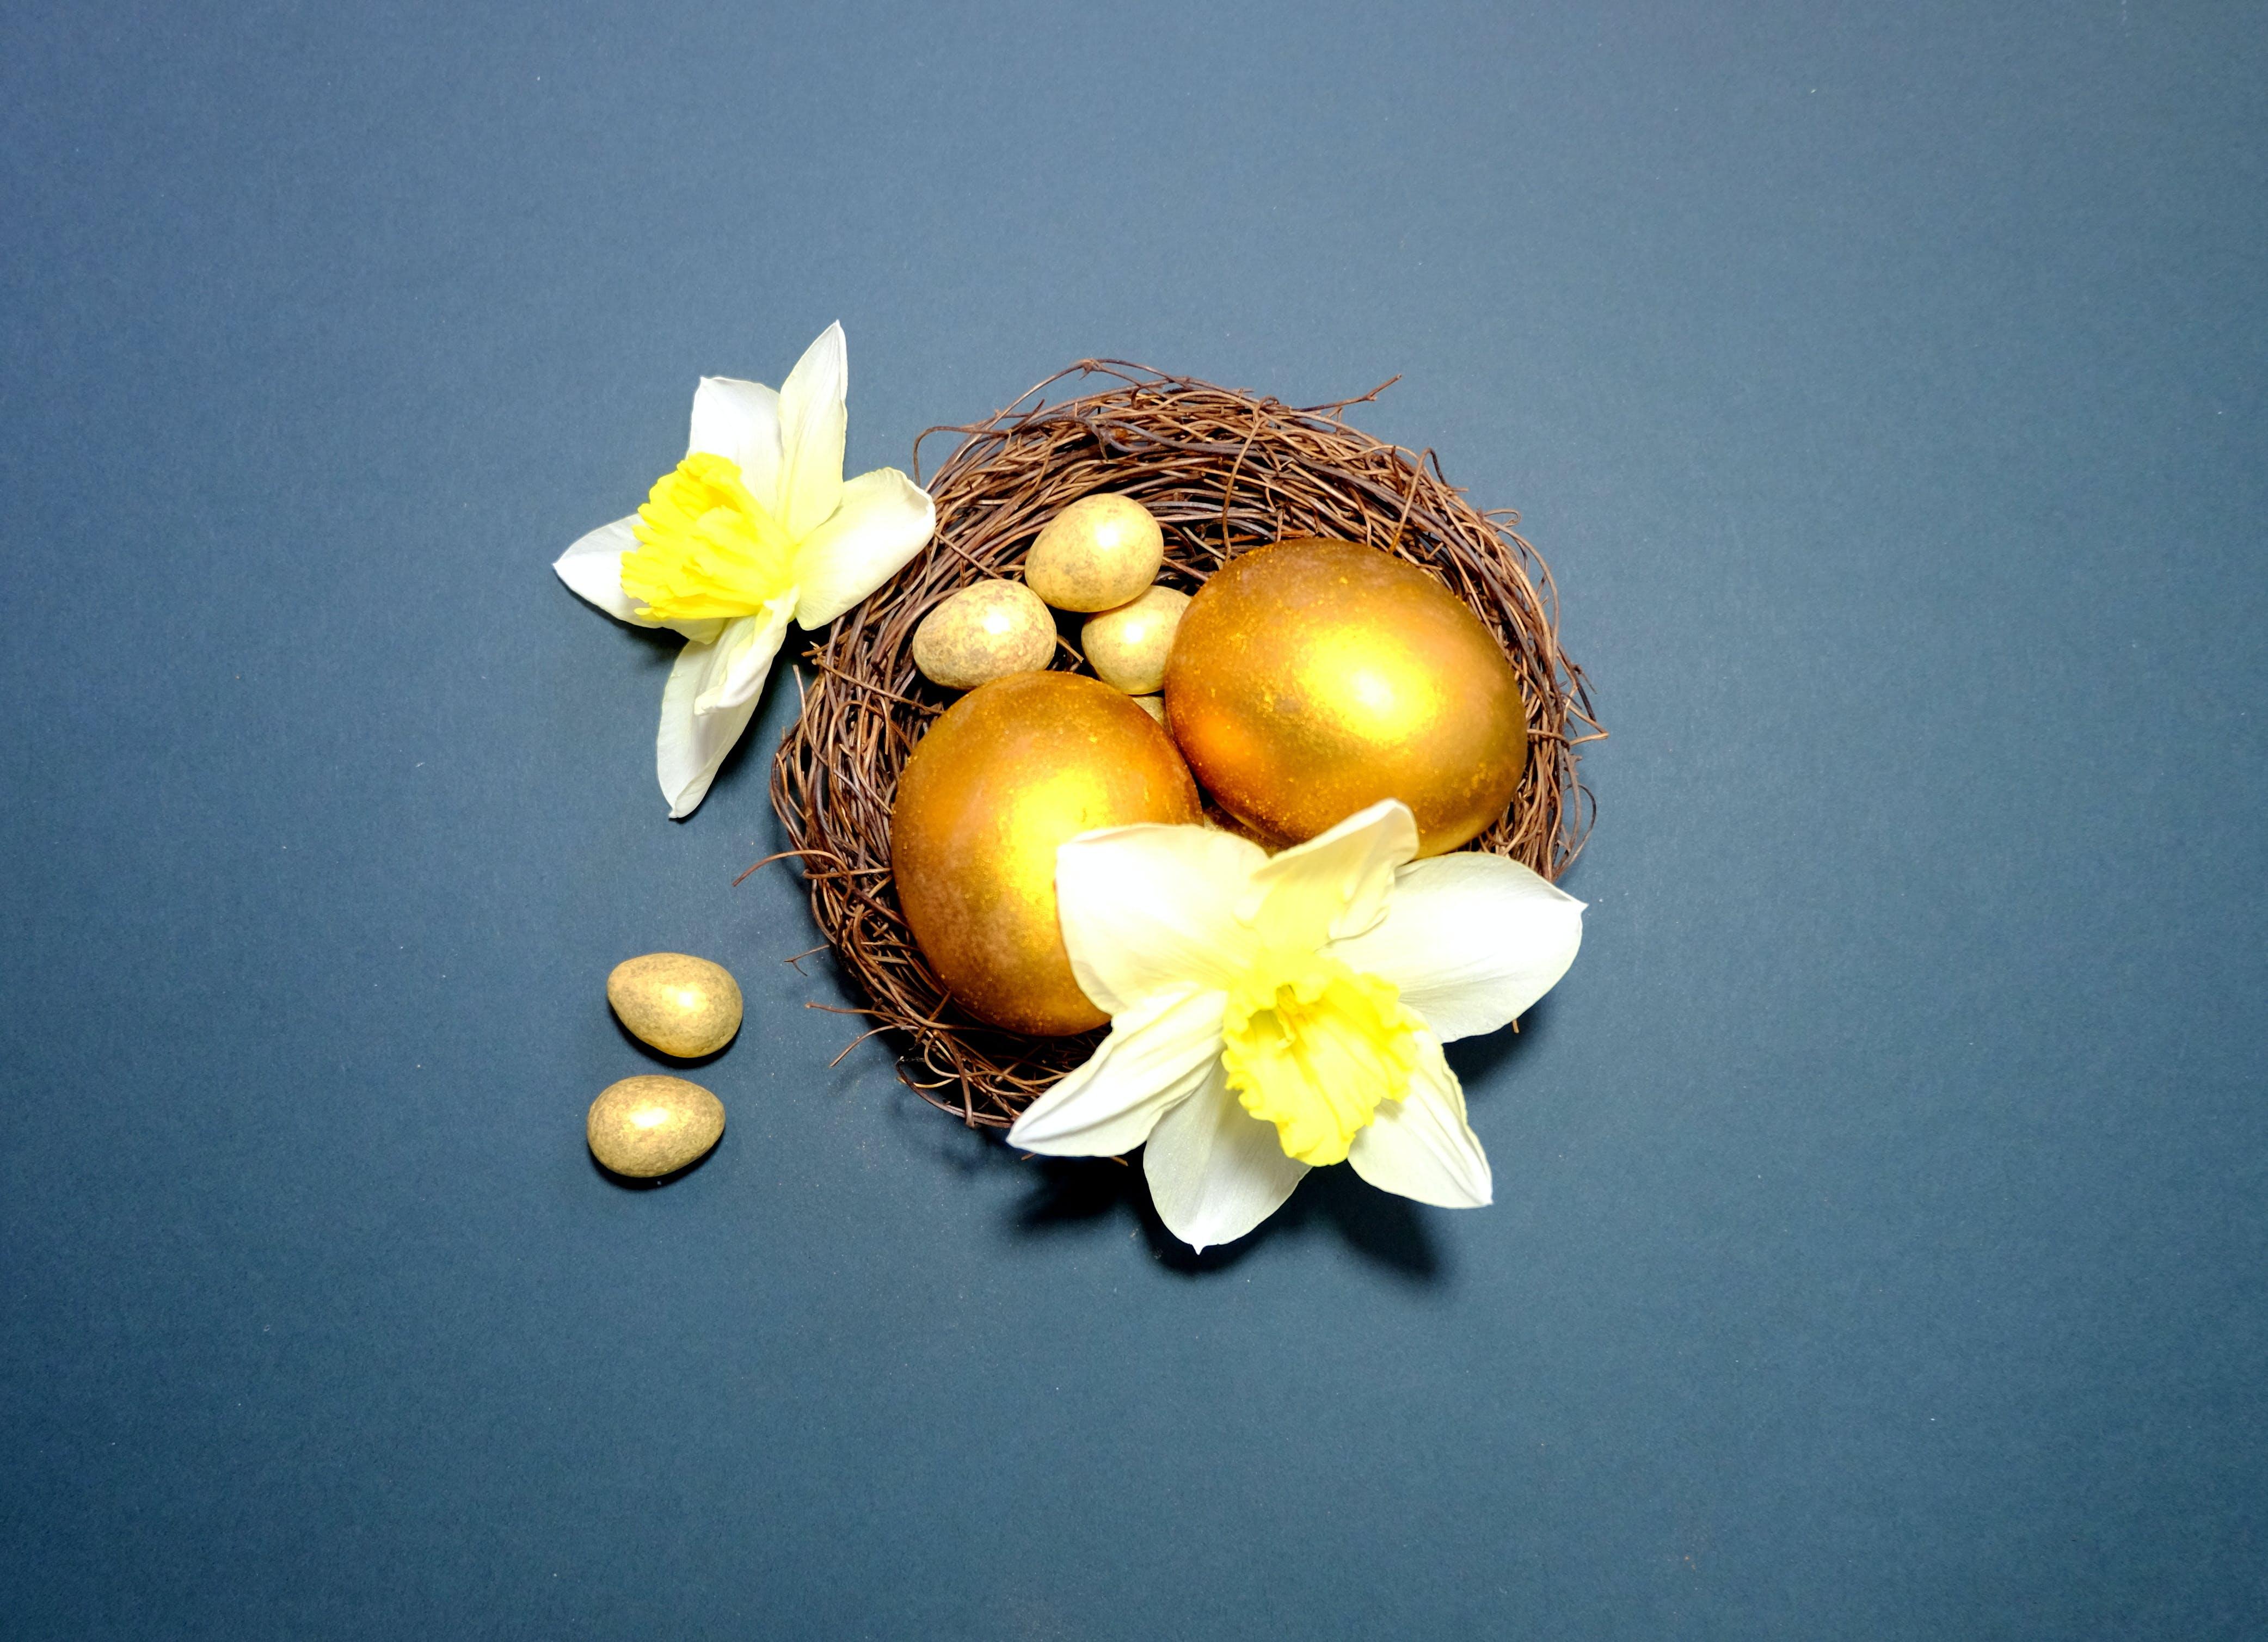 Free stock photo of flowers, easter, egg, eggs